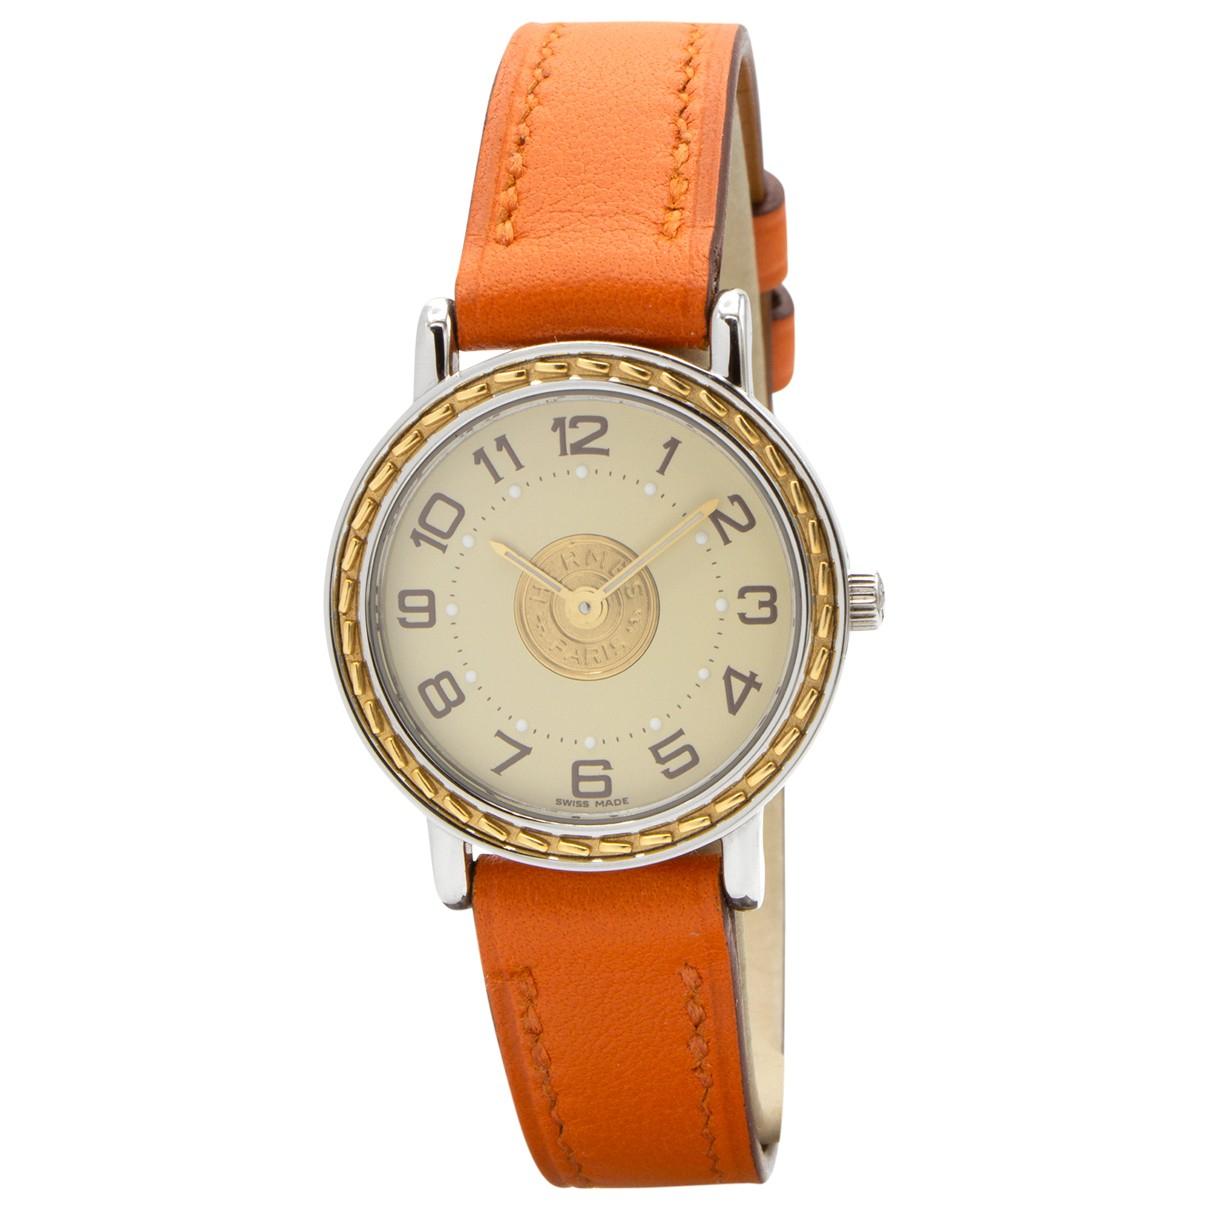 Hermes Sellier Uhr in  Orange Vergoldet